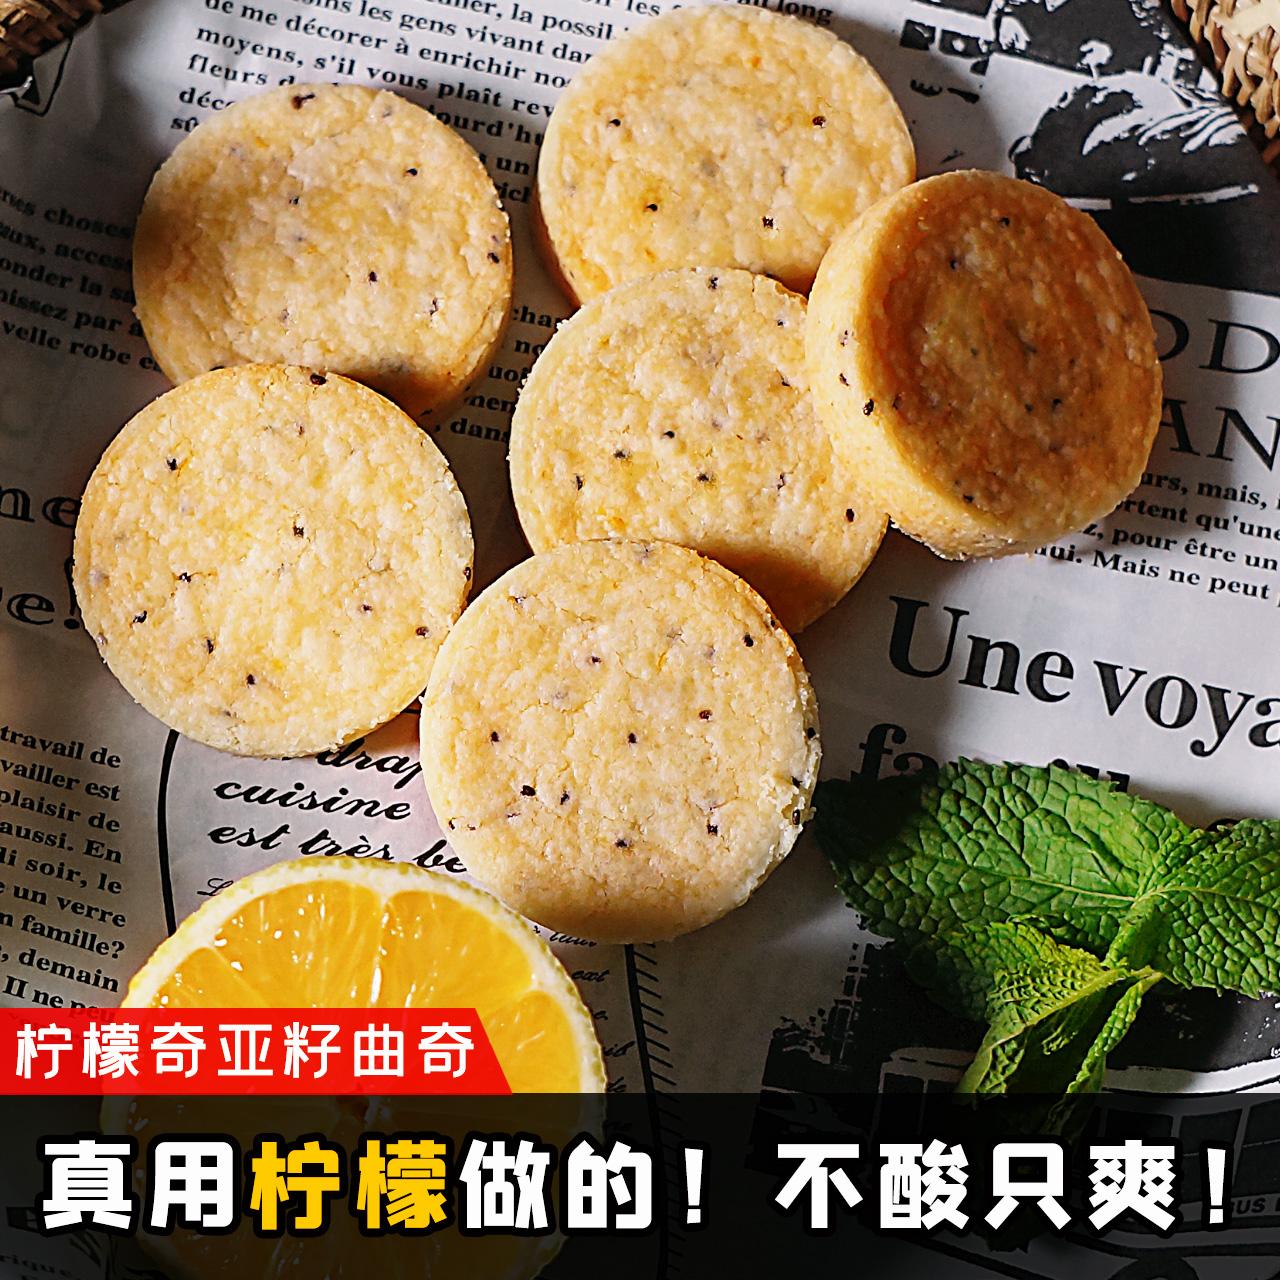 造作甜时柠檬奇亚籽曲奇手工甜品网红饼干小零食好吃的下午茶礼物